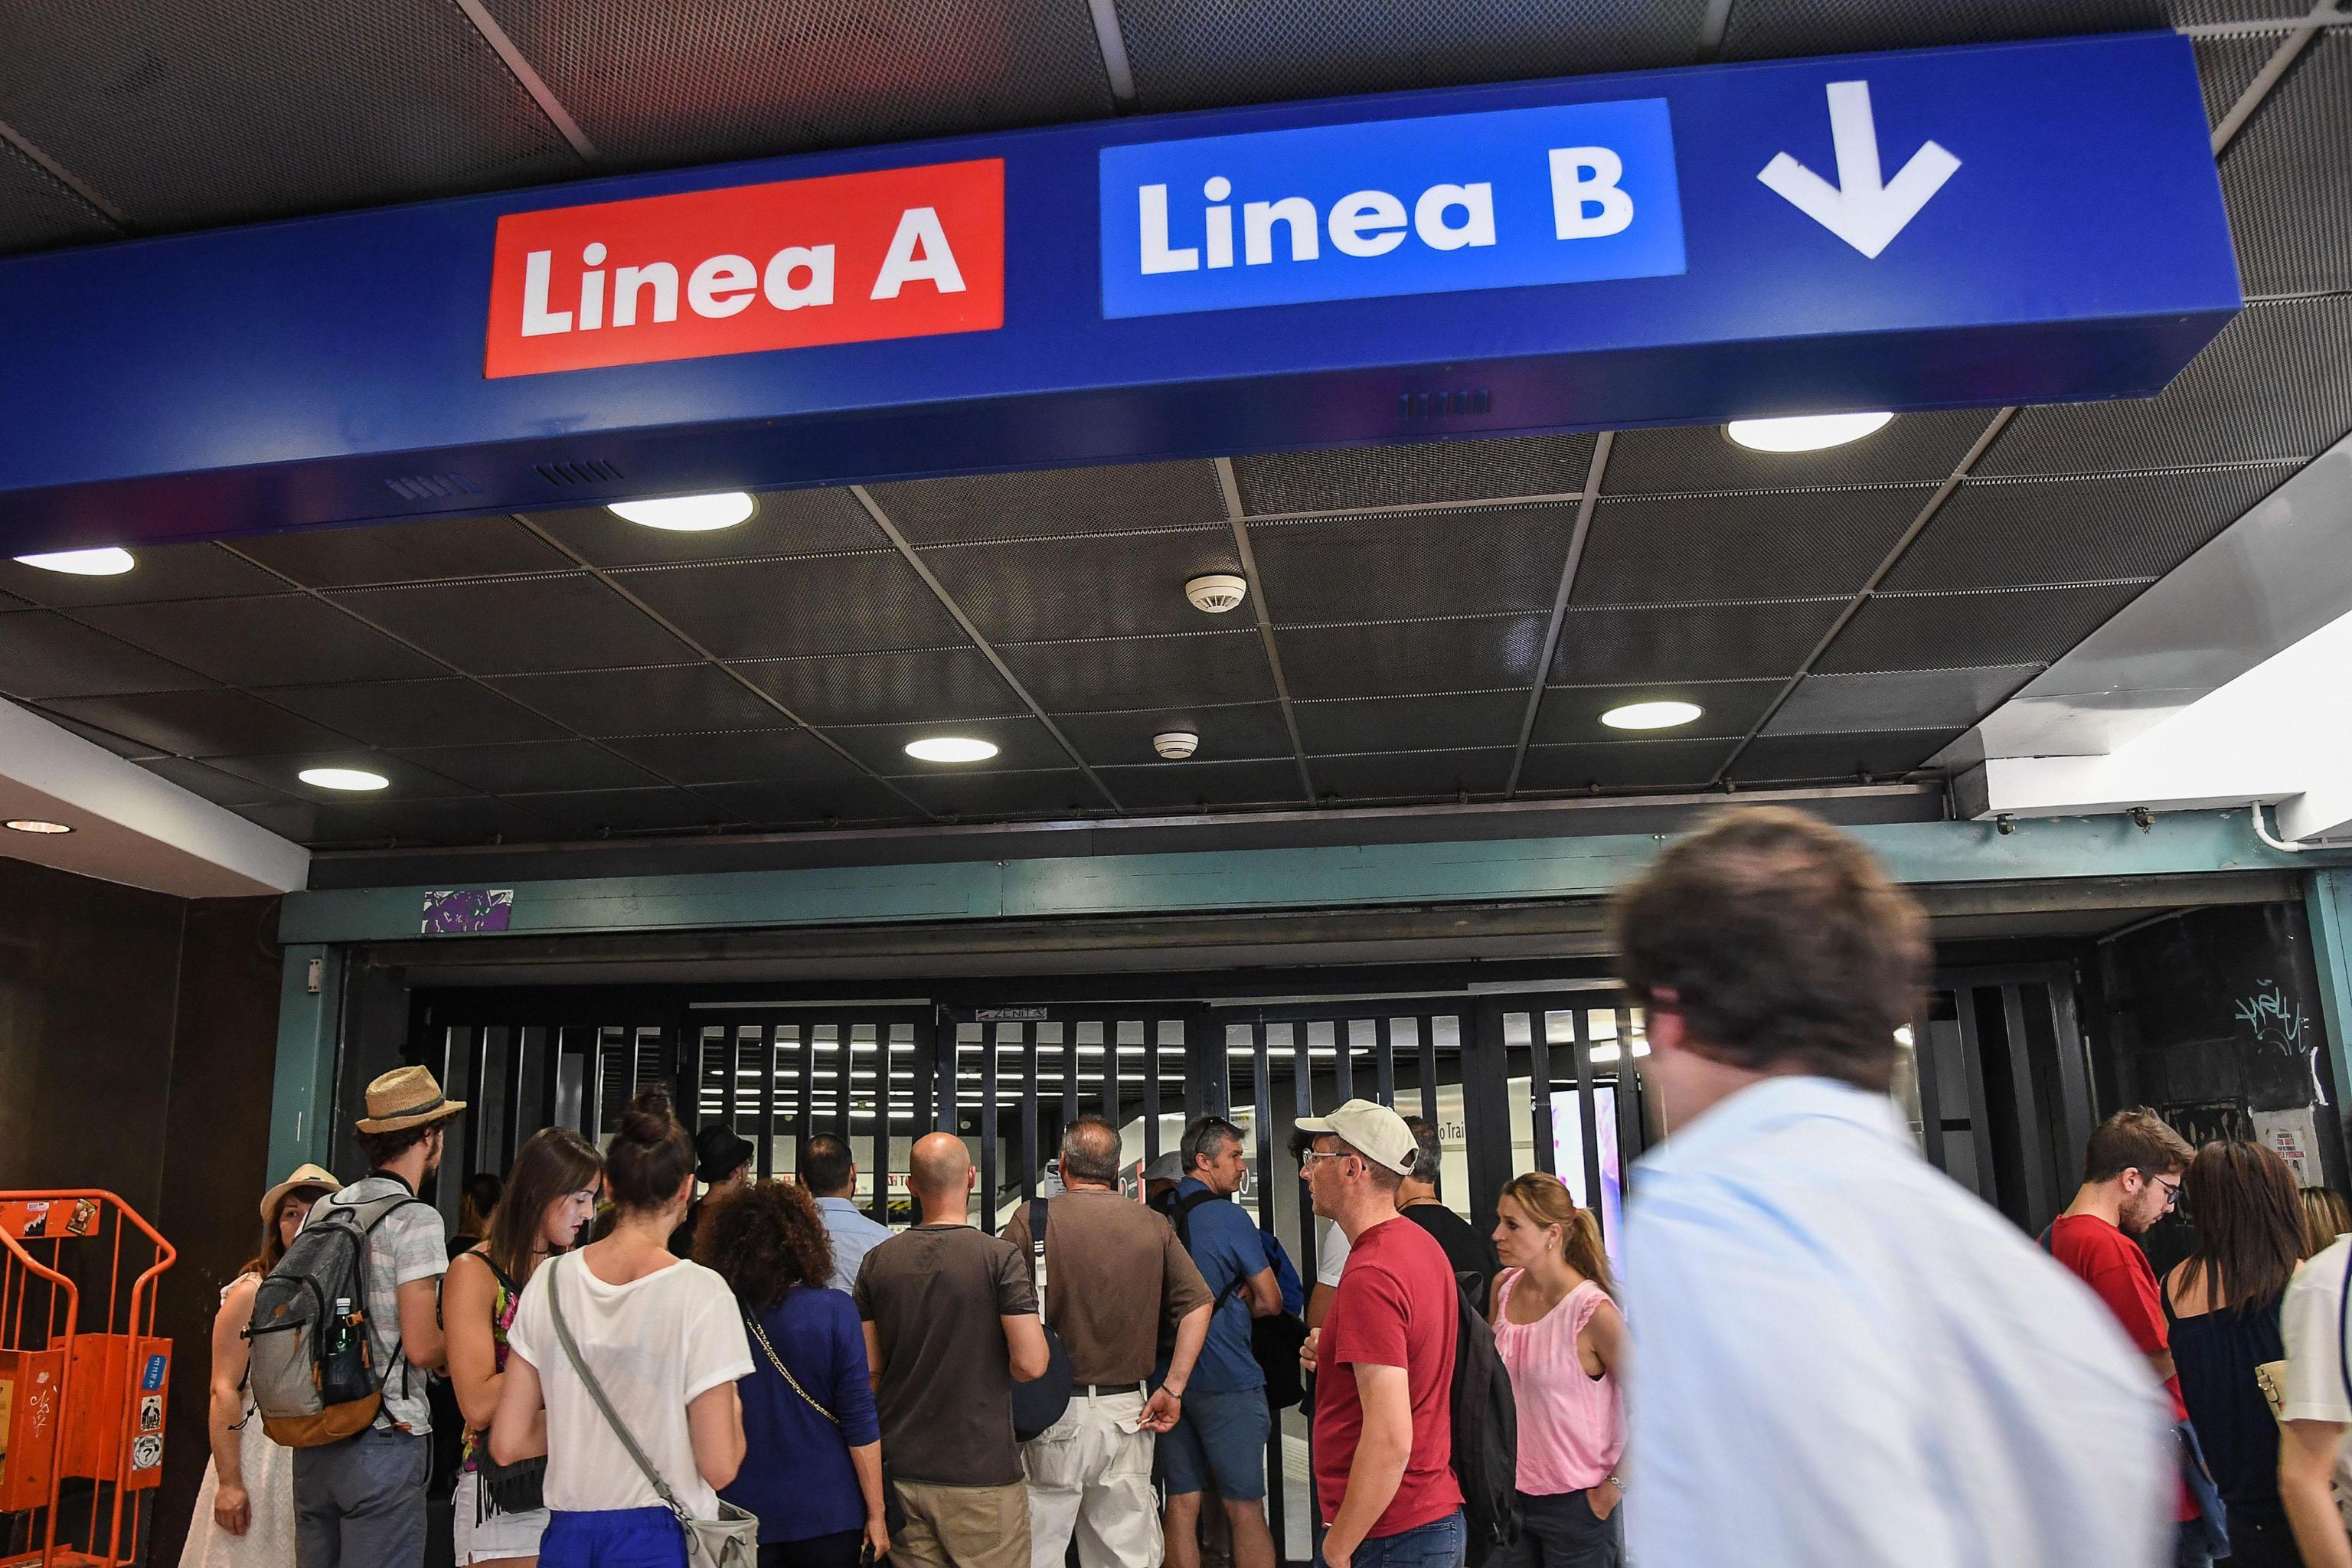 Atac Roma, Metro A chiusa ad agosto in 7 stazioni: navette sostitutive e polemiche